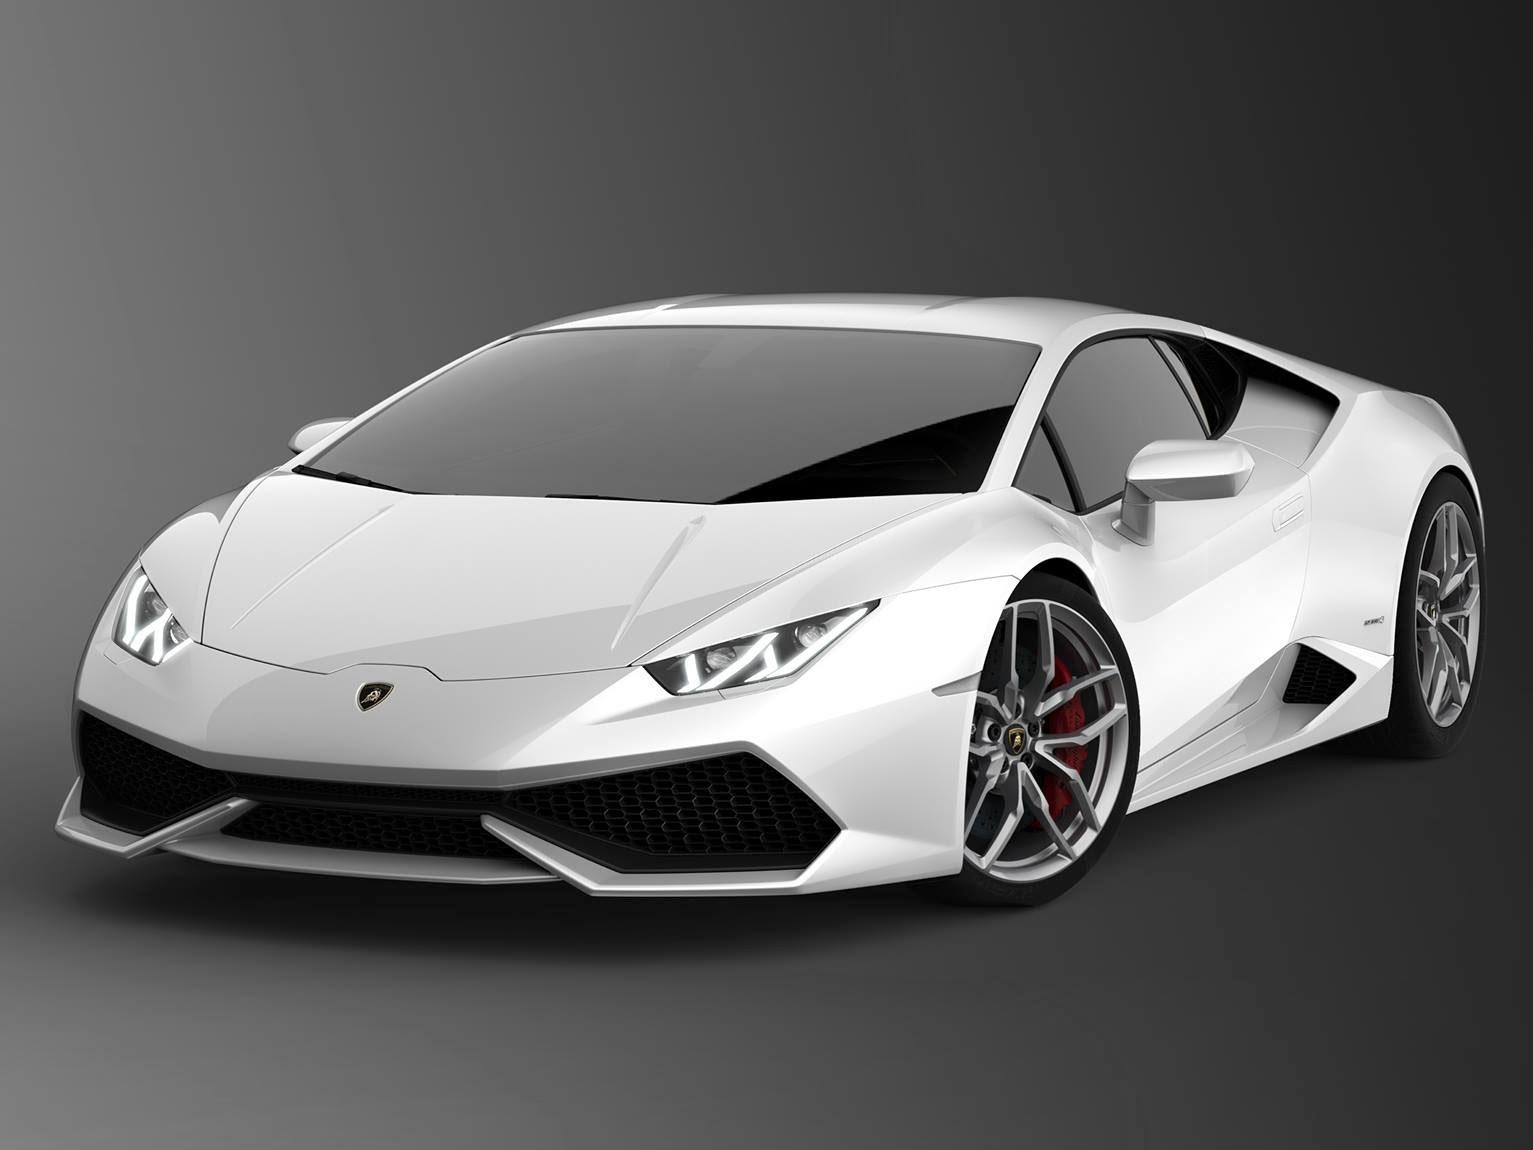 2015 New Lamborghini Huracan Lp 610 4 Mycarzilla